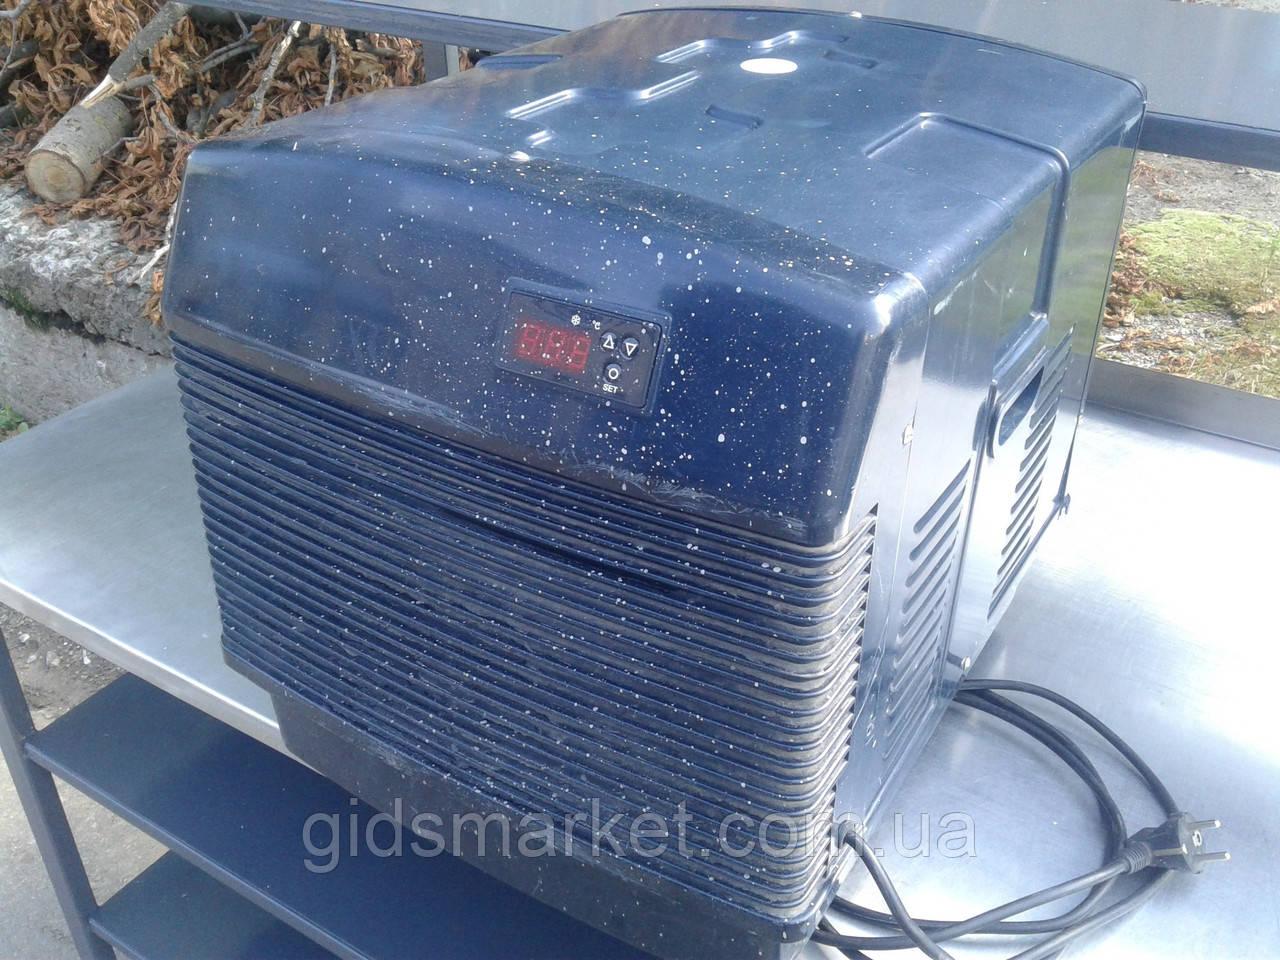 Холодильник Aqua Medic Titan 2000 б/у, Охладитель Titan 2000 б/у, холодильник для аквариума б у